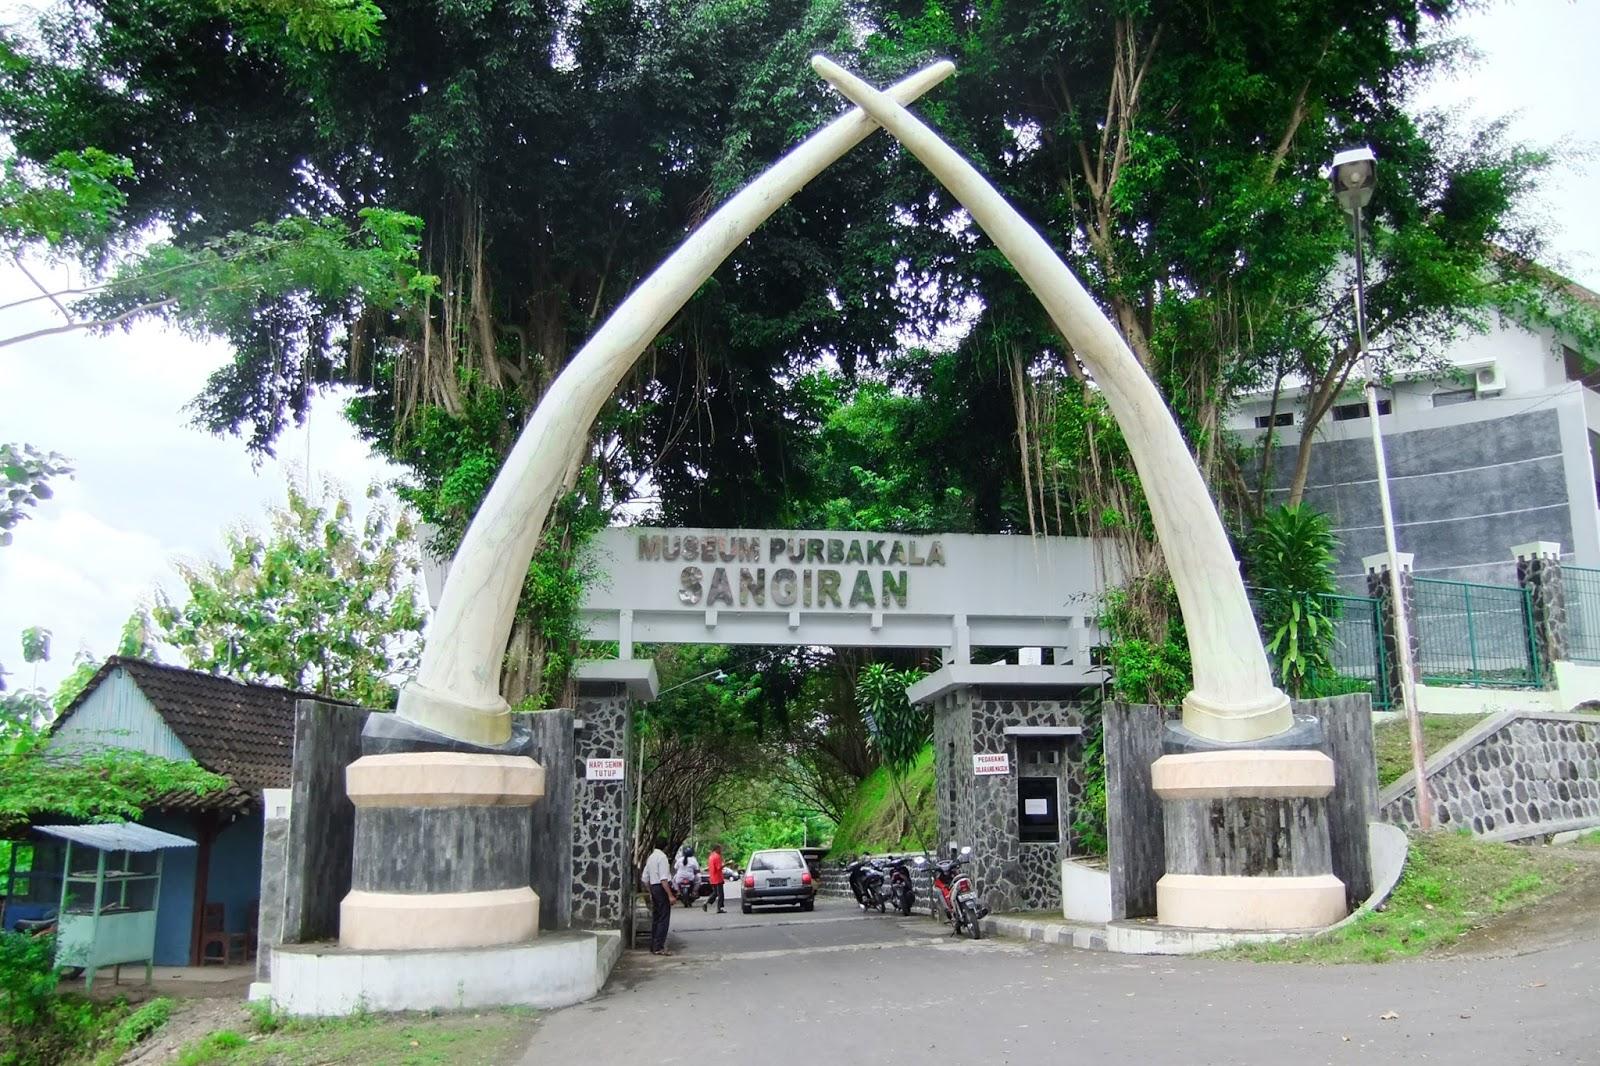 tempat kerangak manusia pruba asli yang ada di Indonesia